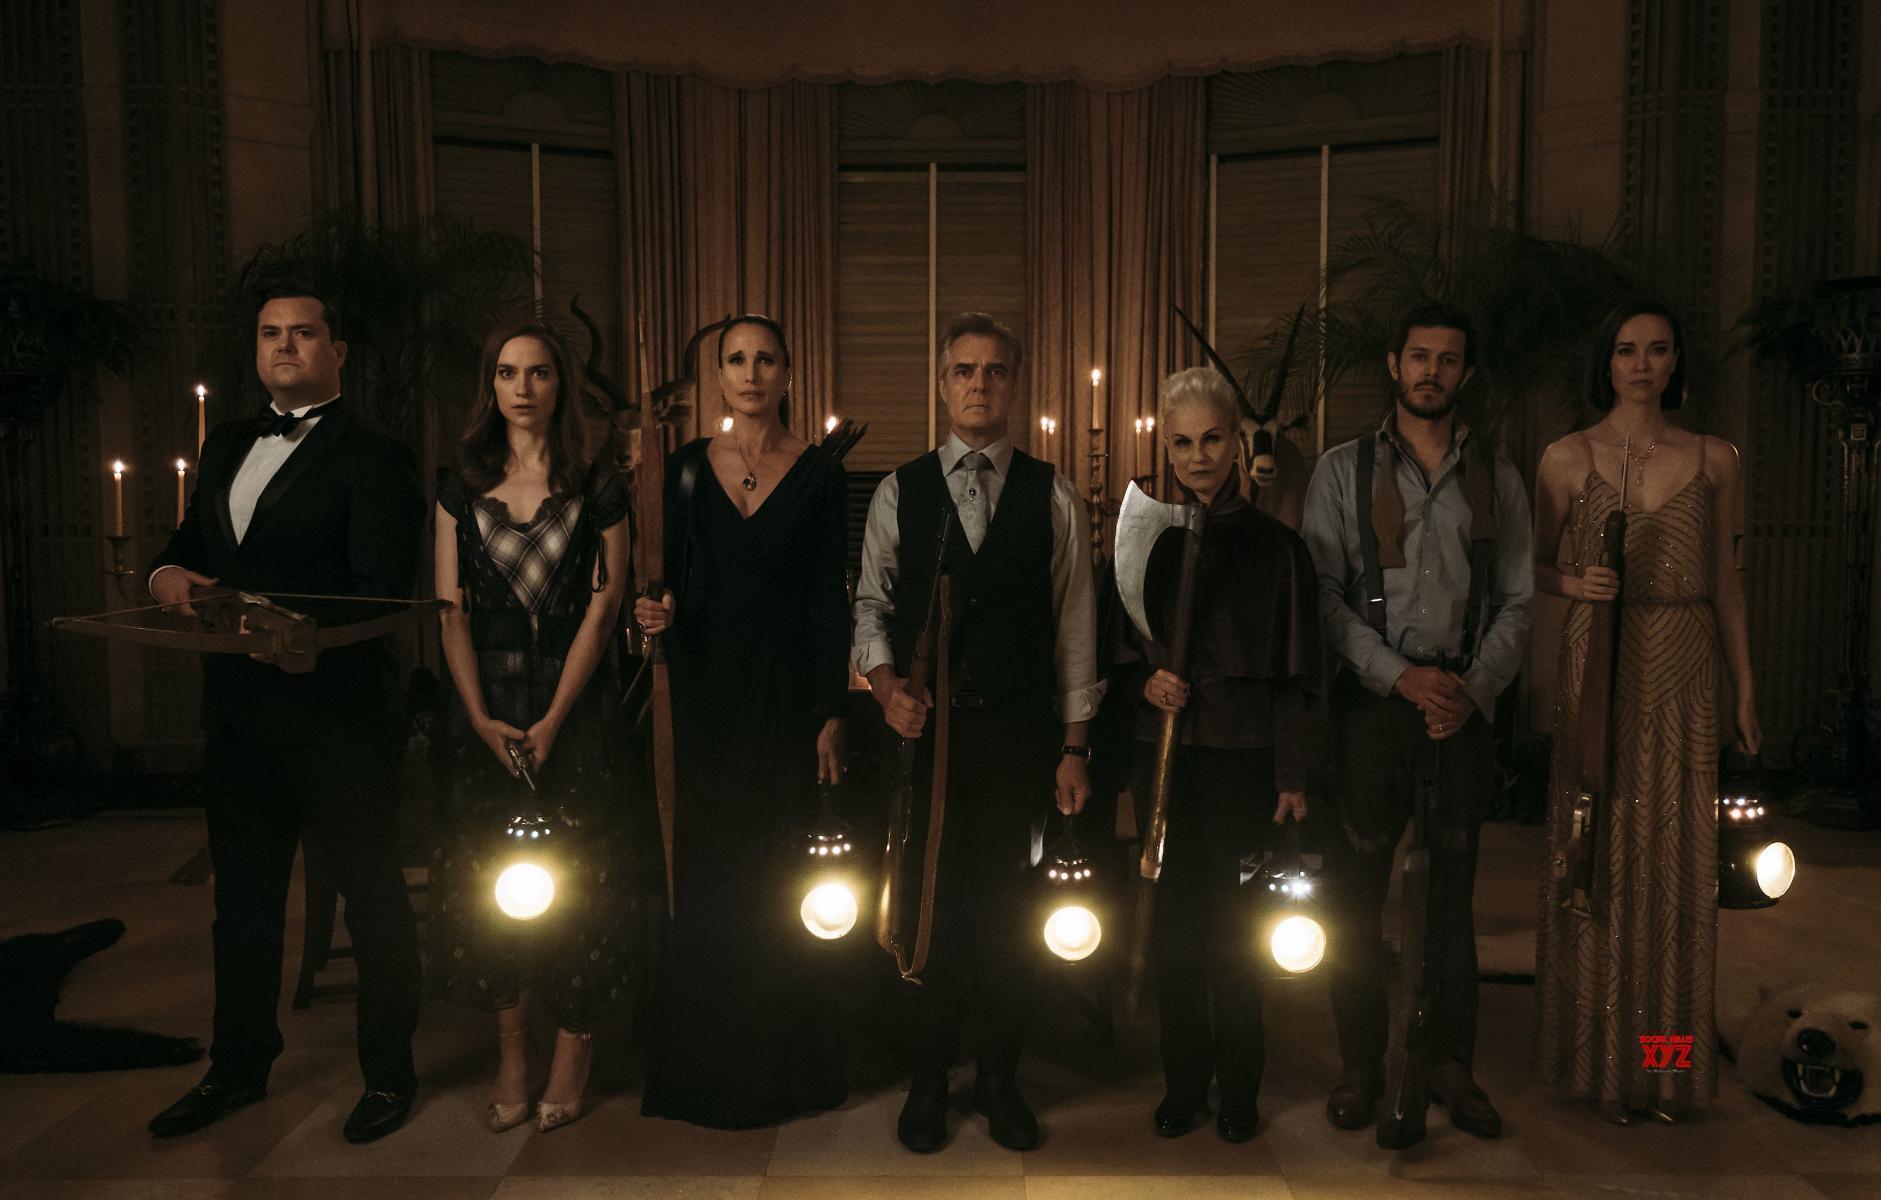 Noche De Bodas 2019 Filmaffinity